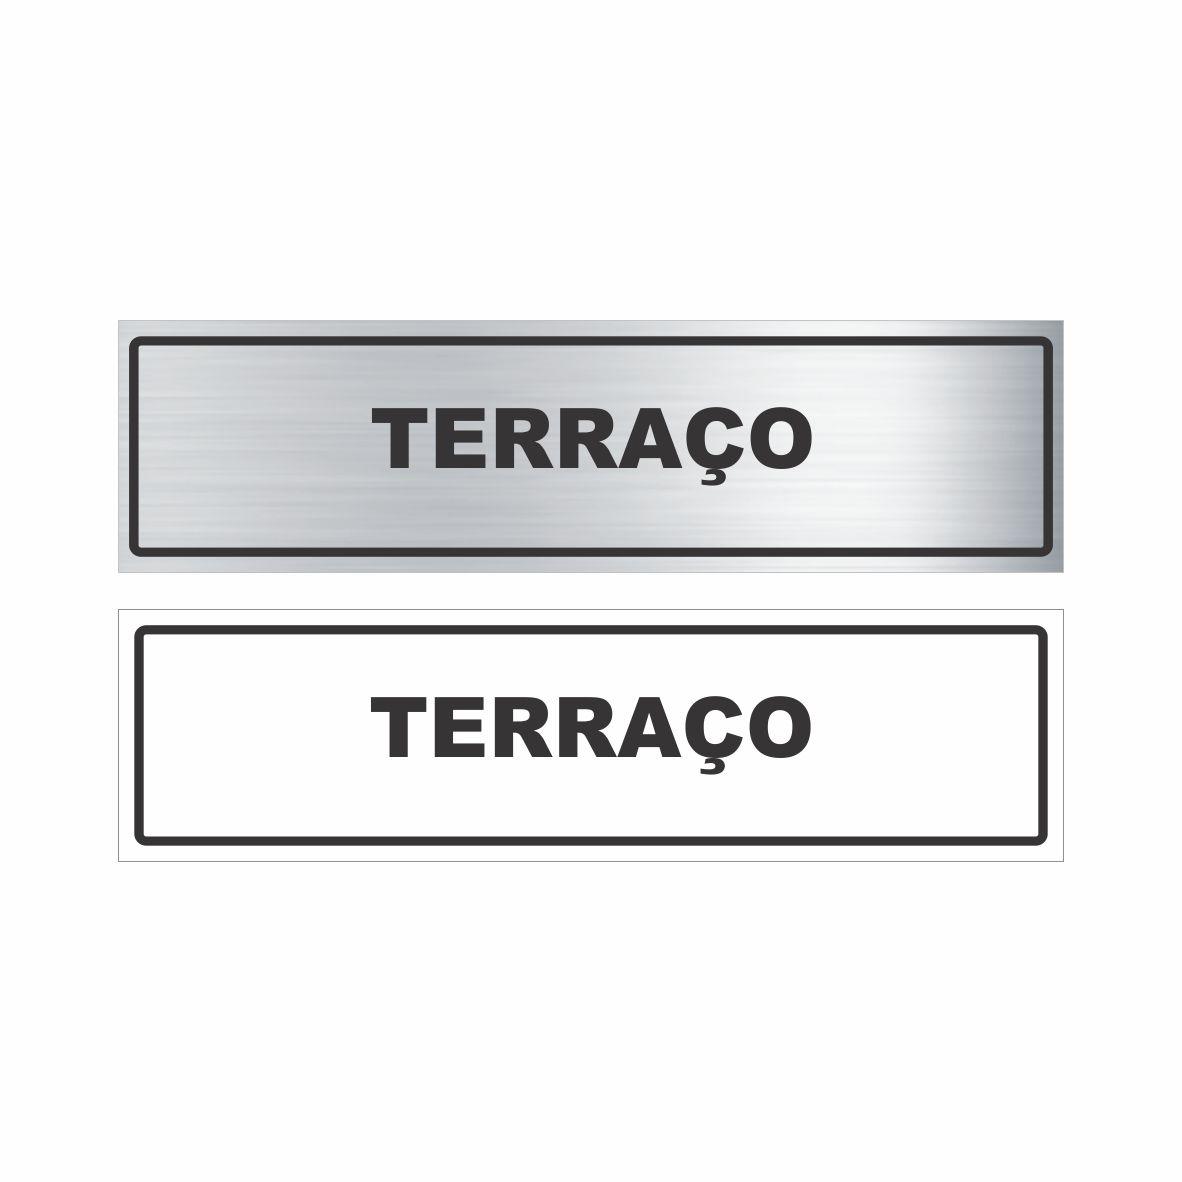 Terraço  - Towbar Sinalização de Segurança